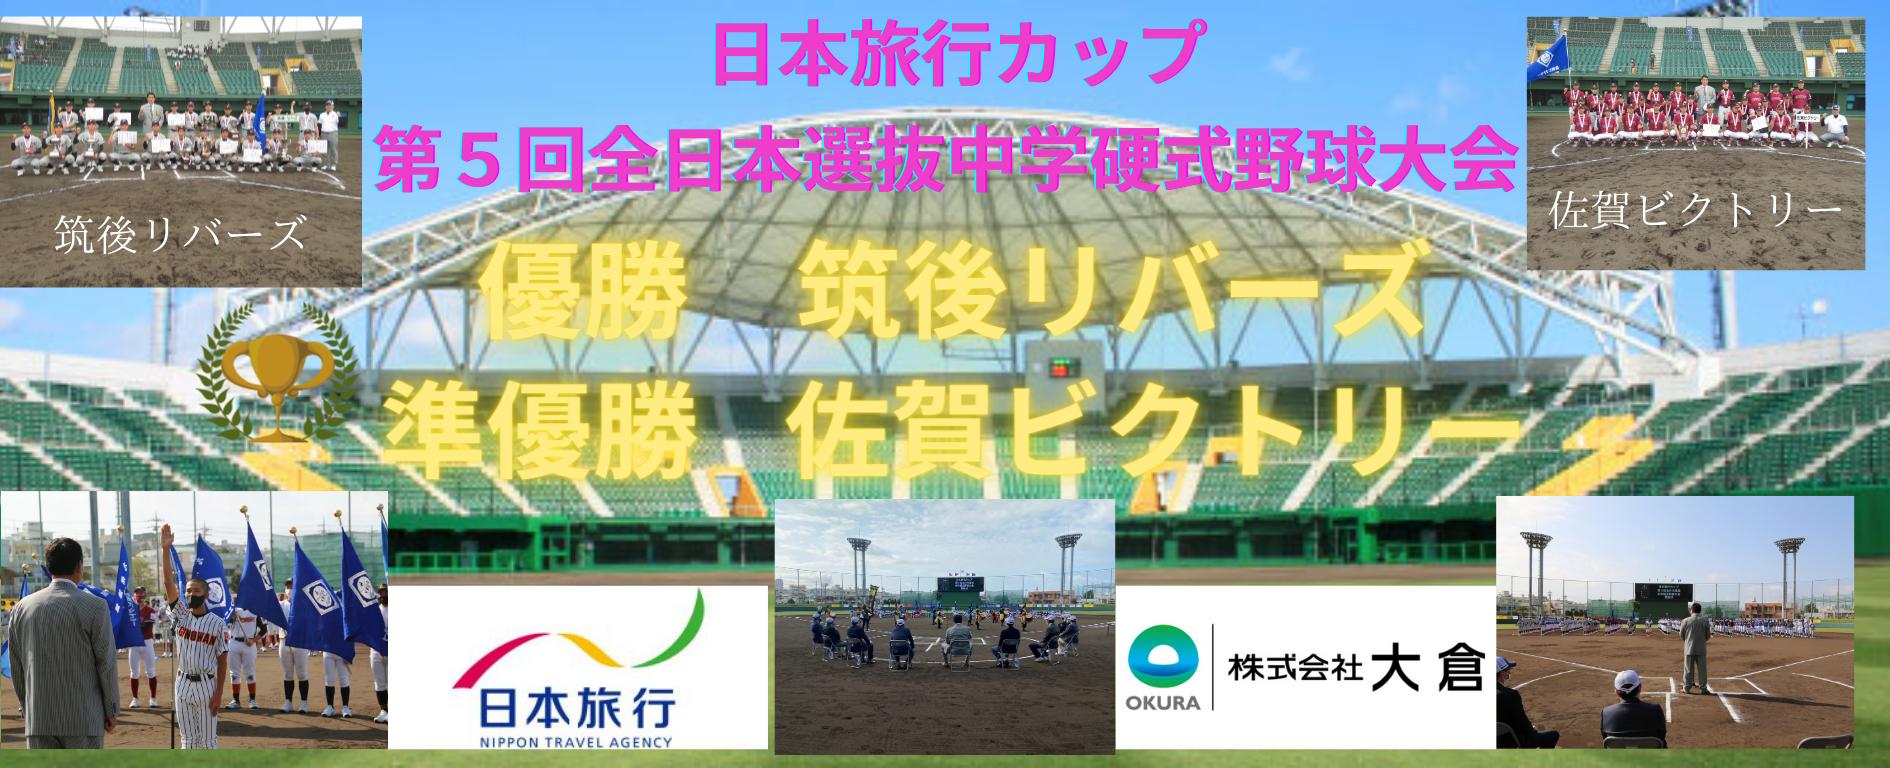 第5回全日本選抜